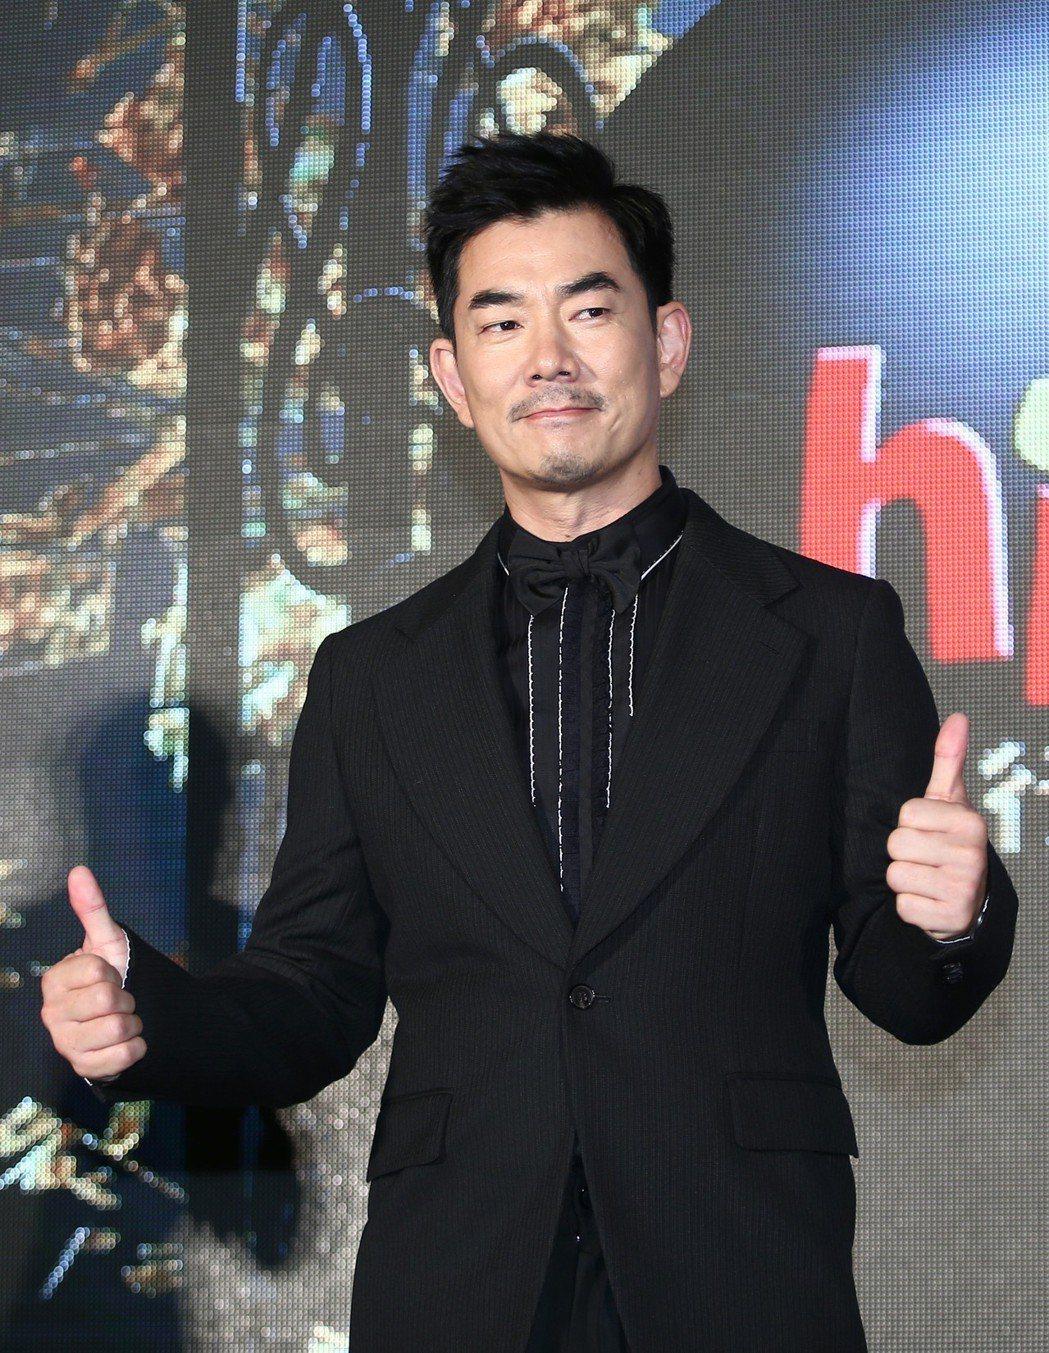 任賢齊出席hito流行音樂獎頒獎典禮記者會,被主持人拱著和歌迷約定將出新專輯。記